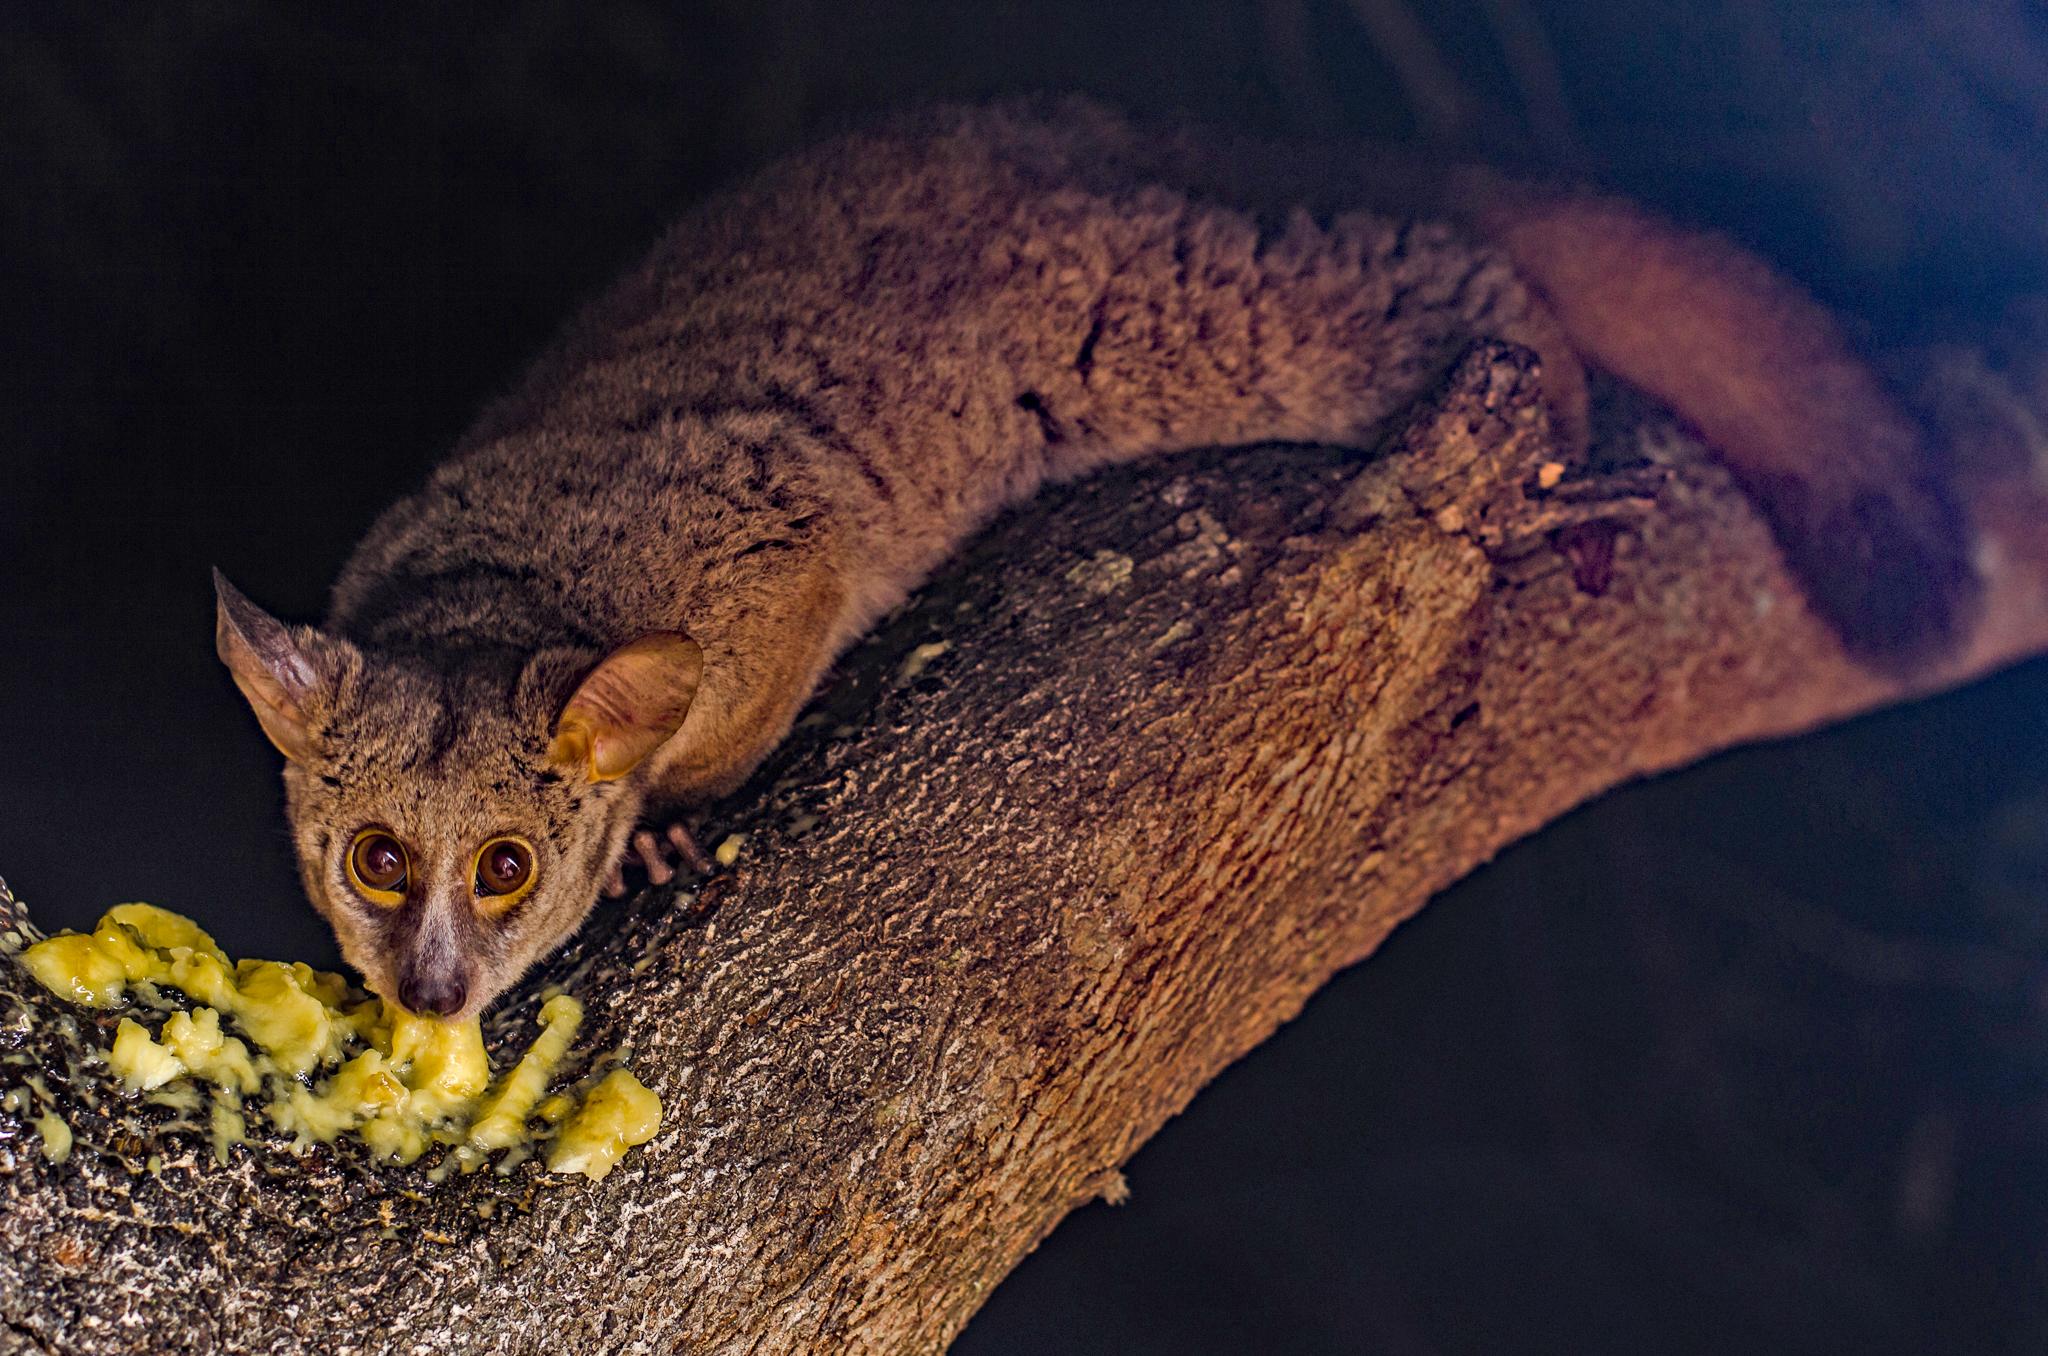 Galago (Galago senegalensis)